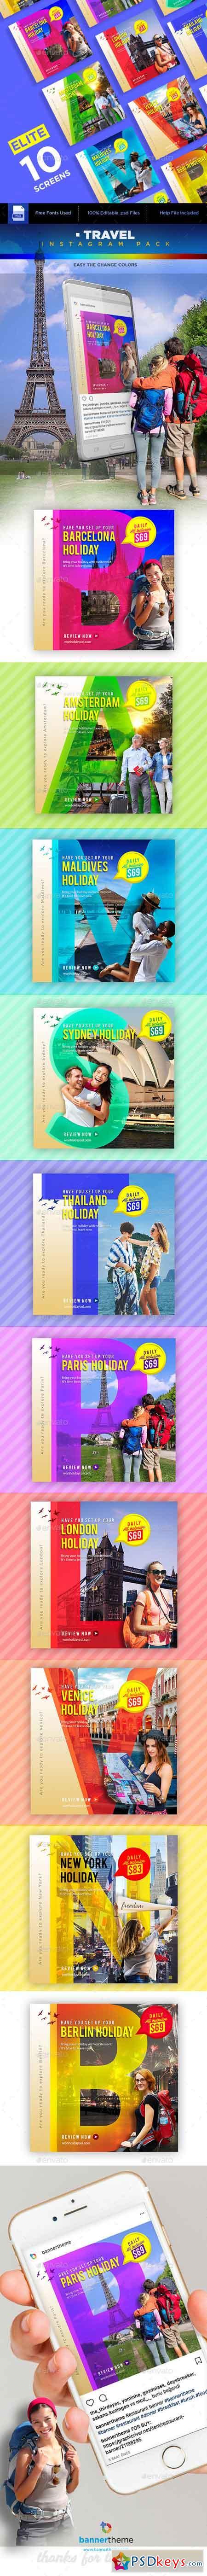 Travel Instagram Banner 21883953